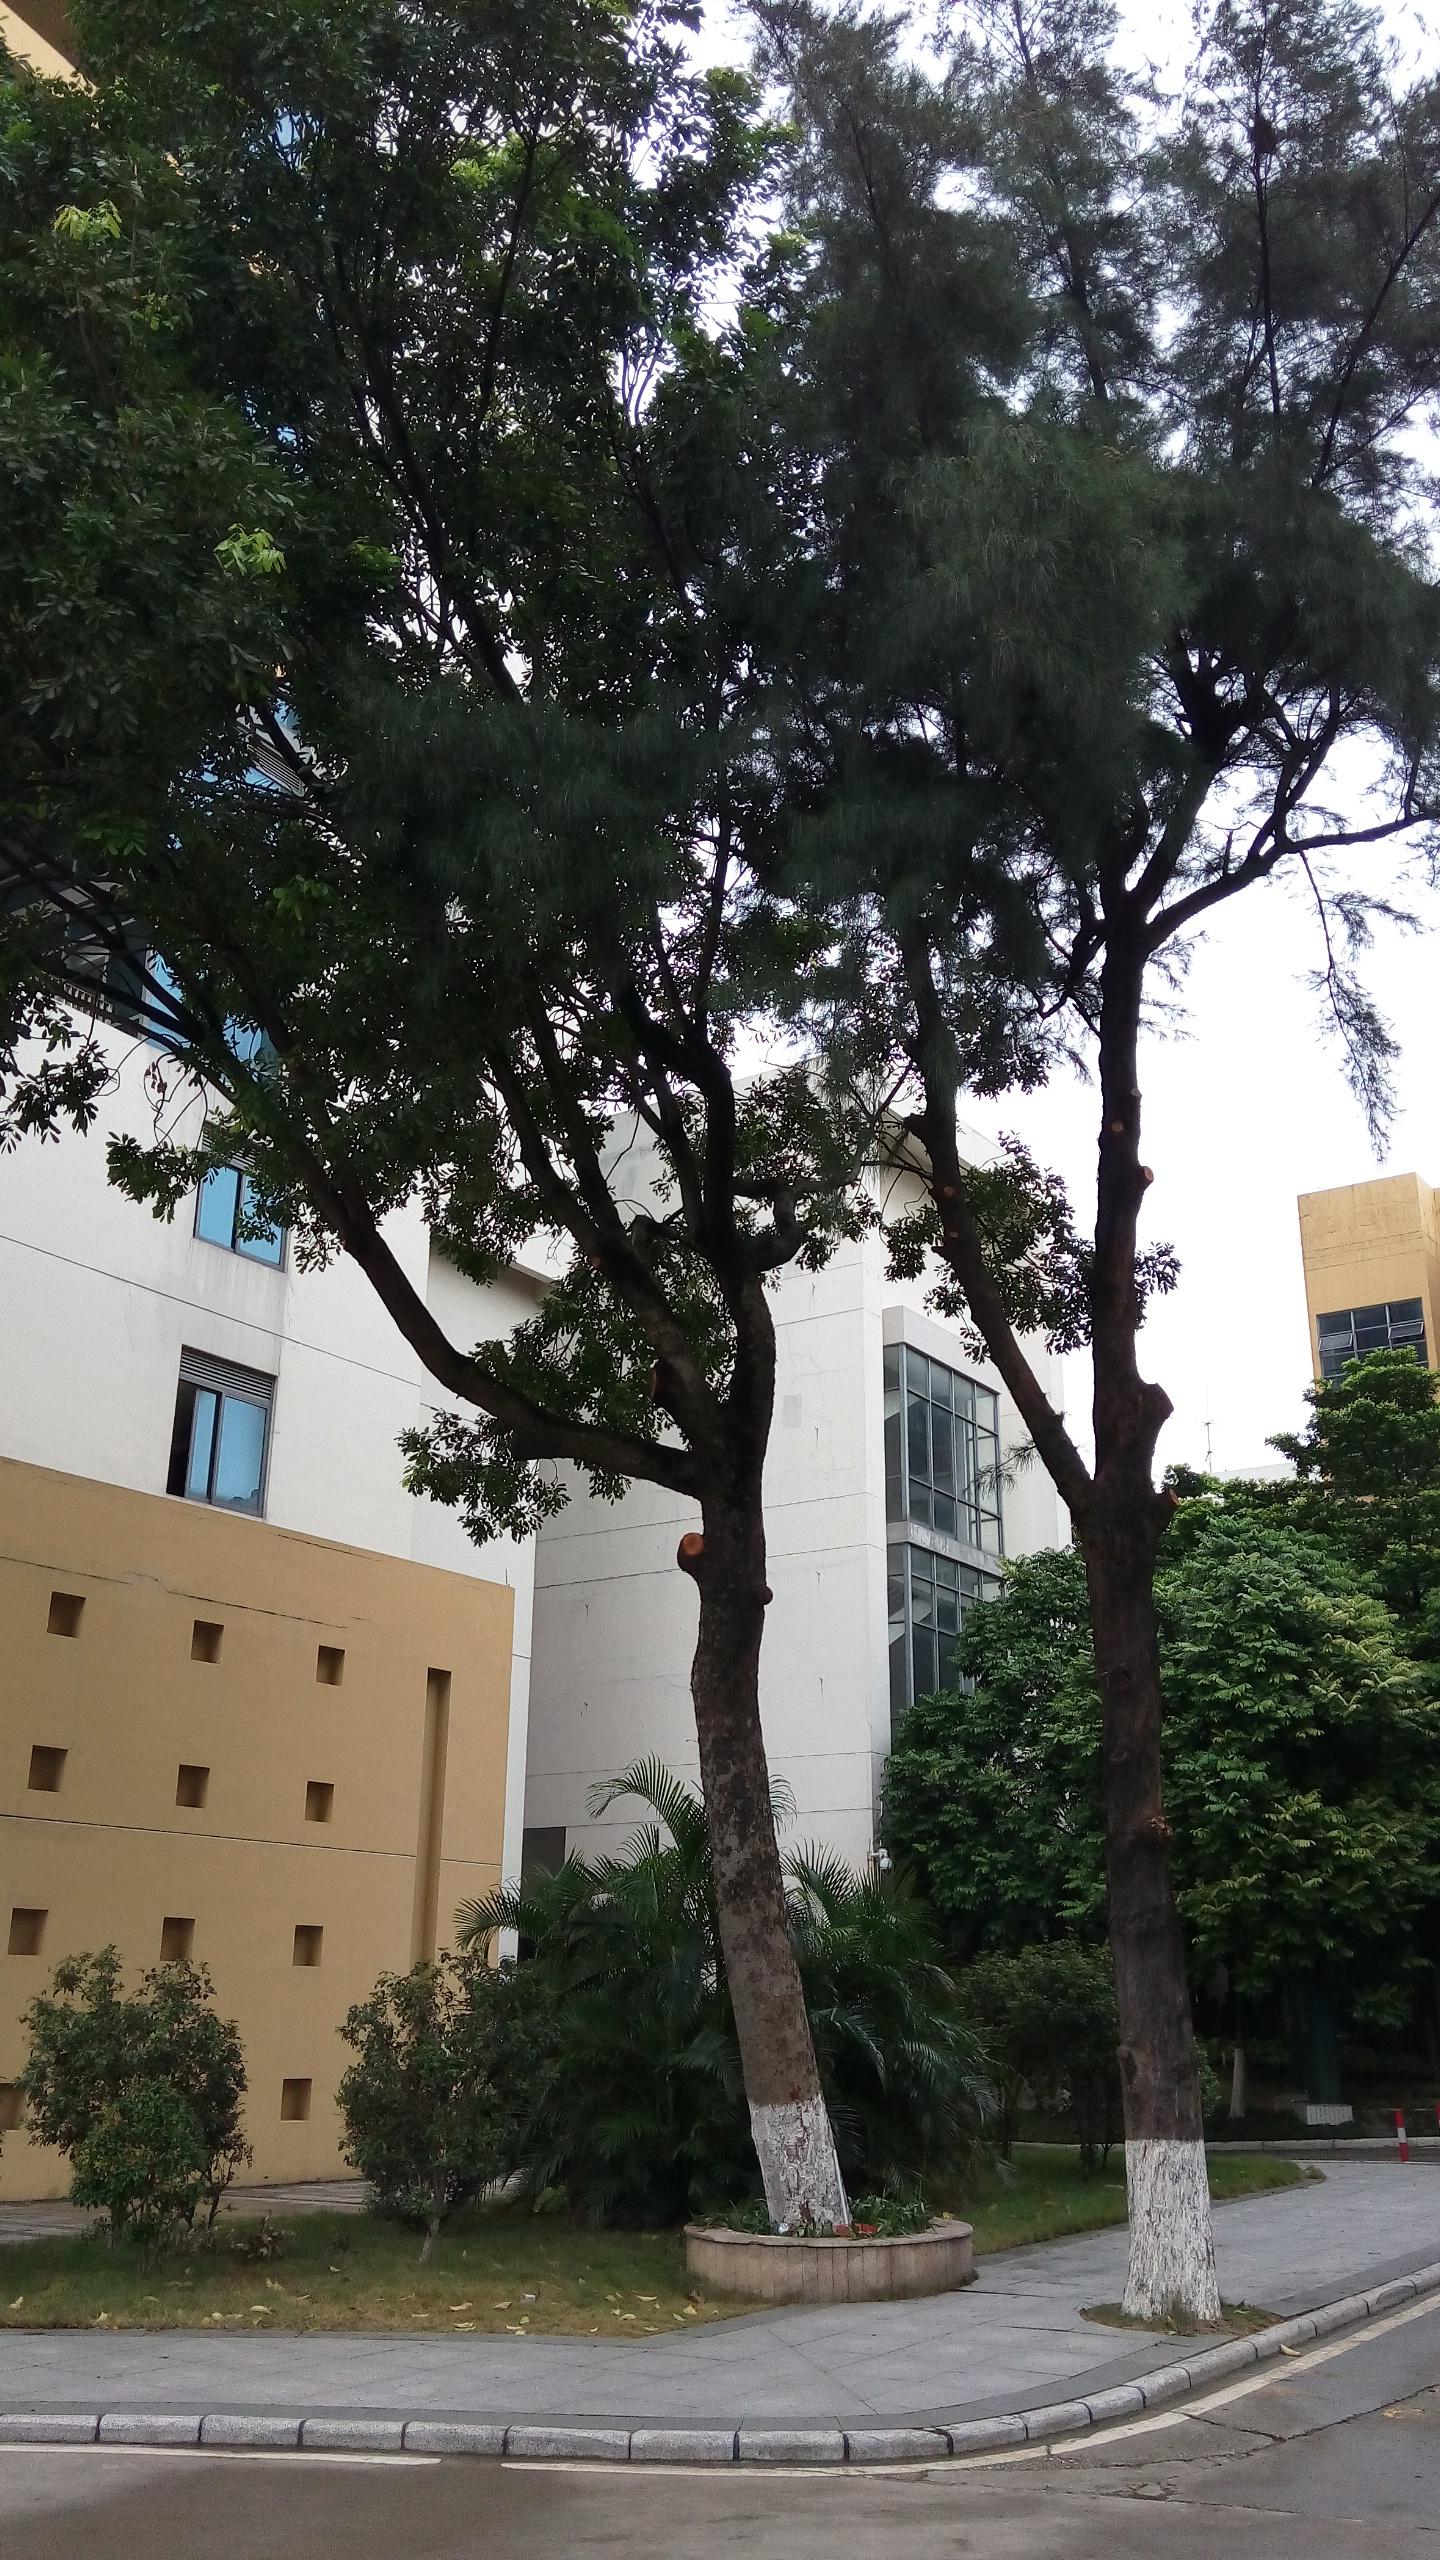 环艺系绿化小组石井校区修剪有安全隐患的乔木